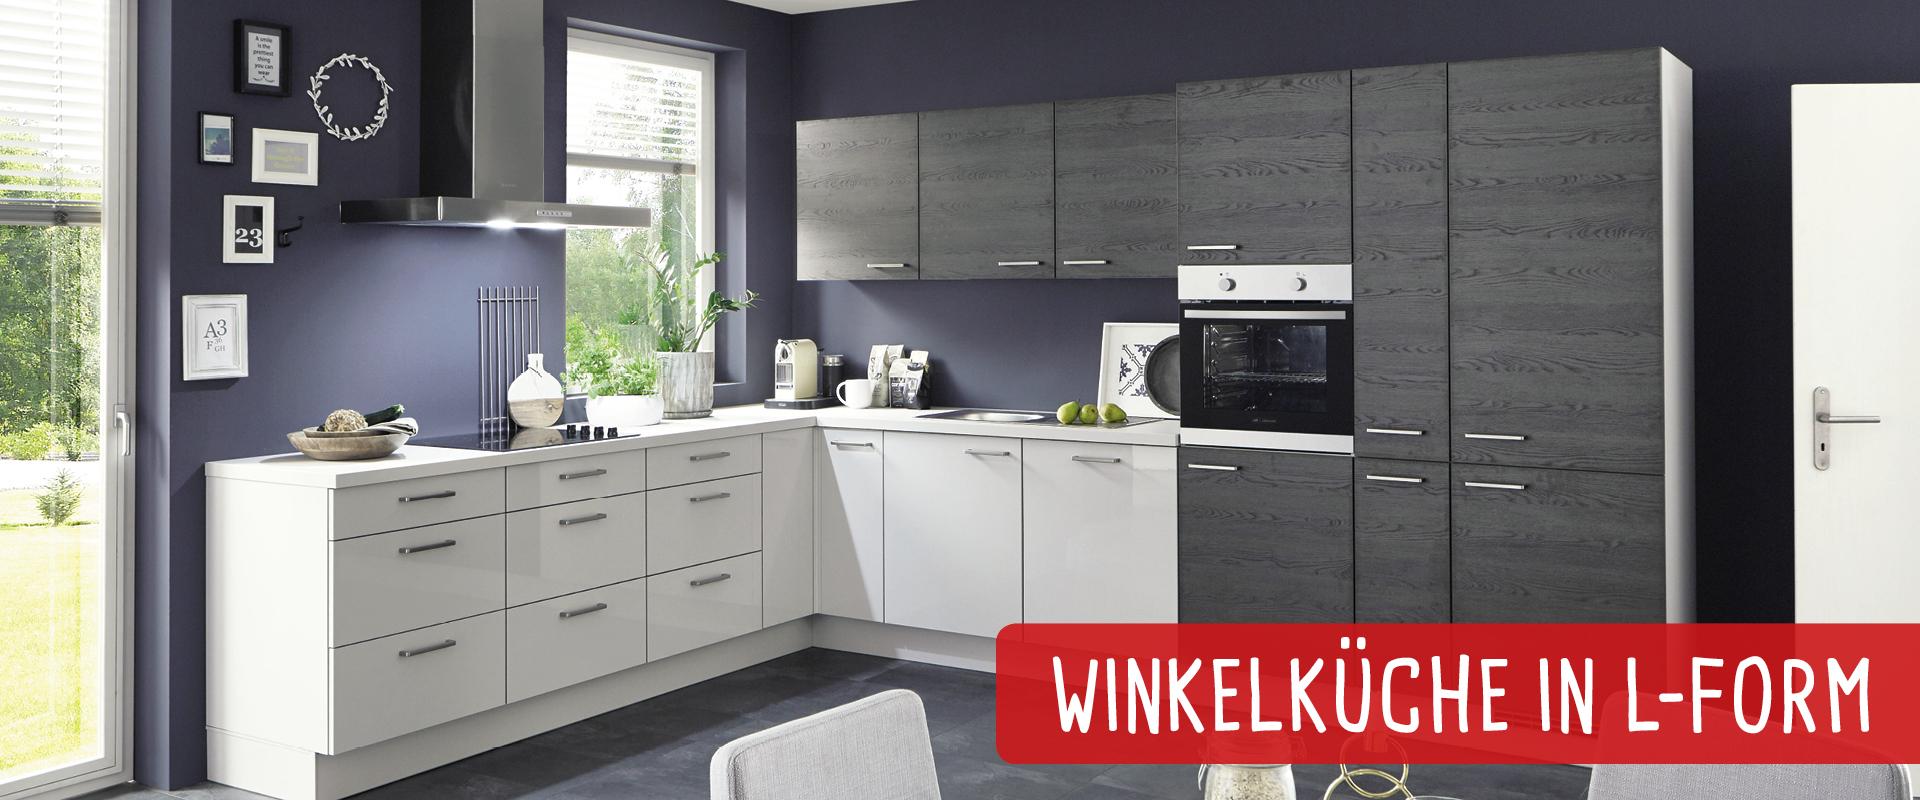 Full Size of Willhaben Komplettküche Kleine Komplettküche Roller Komplettküche Komplettküche Mit Elektrogeräten Küche Einbauküche Ohne Kühlschrank